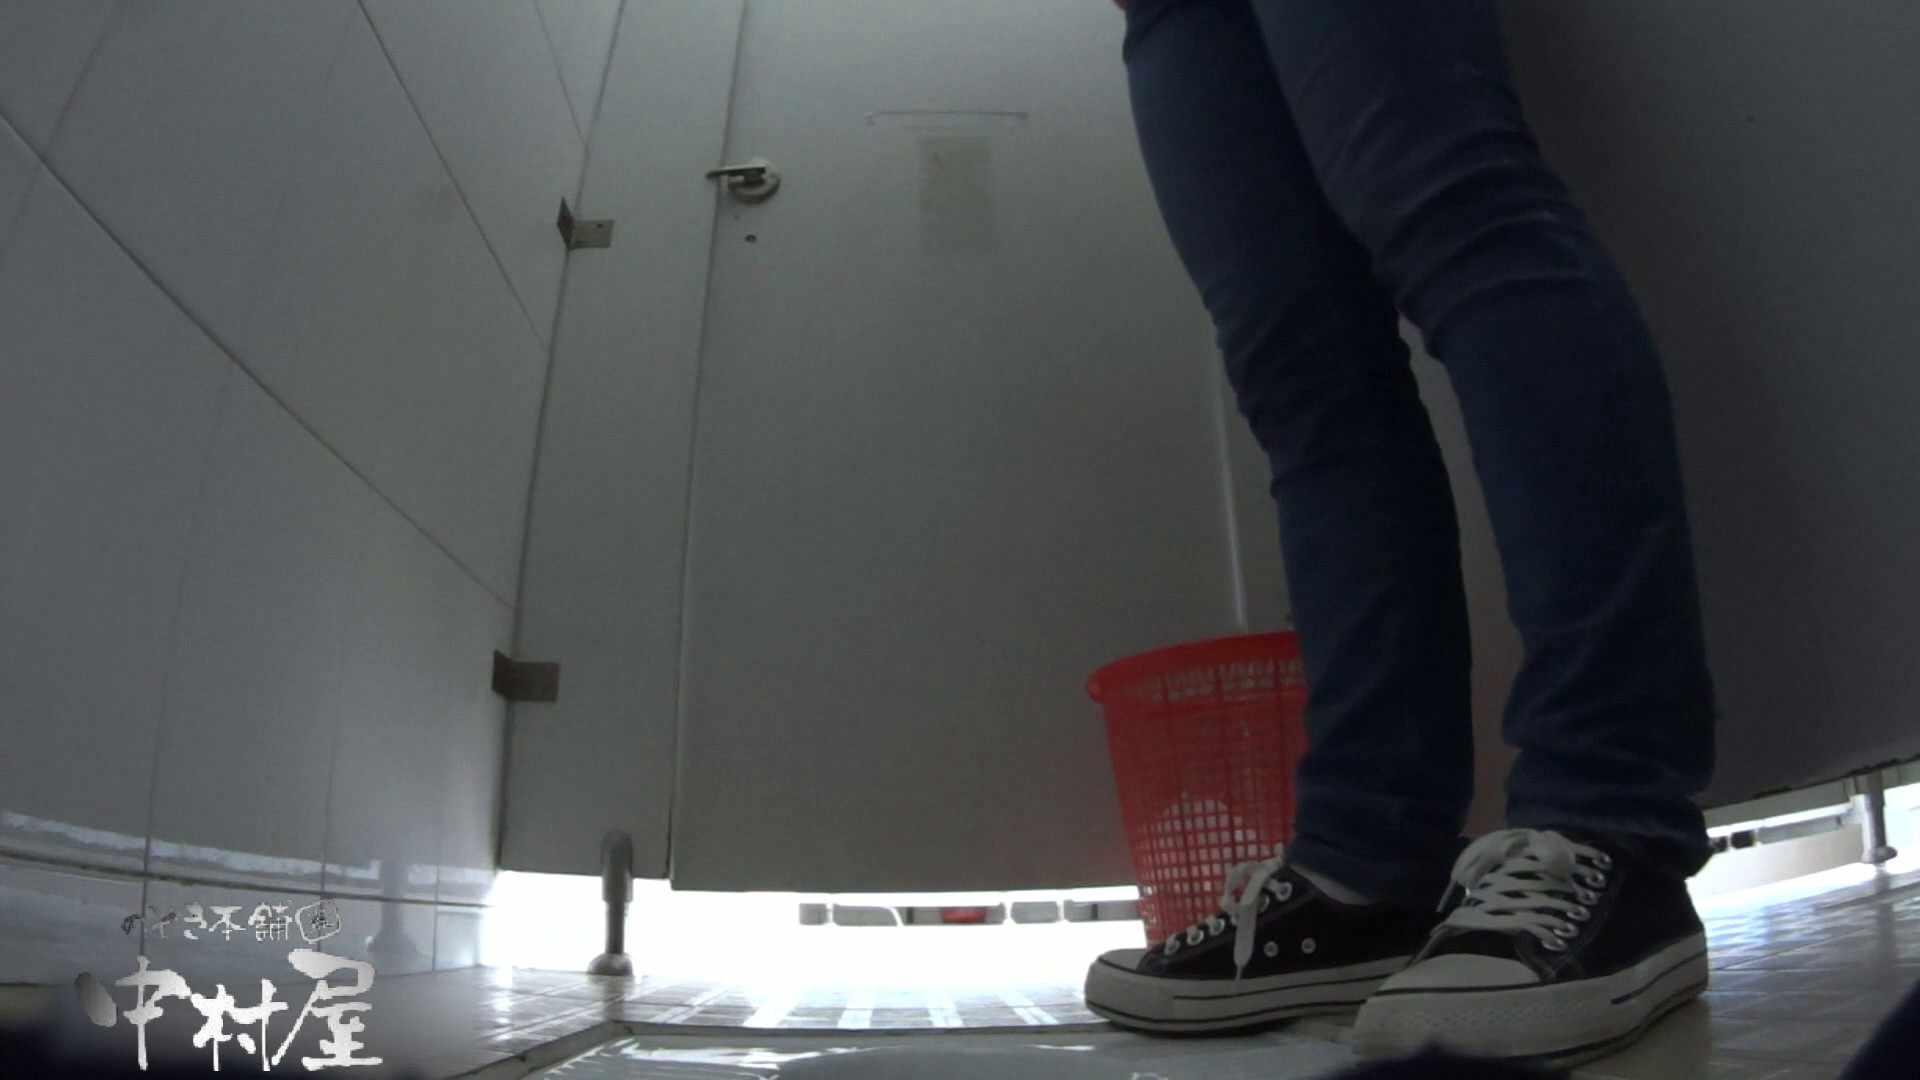 アジアンビューティー達の聖水 大学休憩時間の洗面所事情24 美女まとめ  76PIX 16